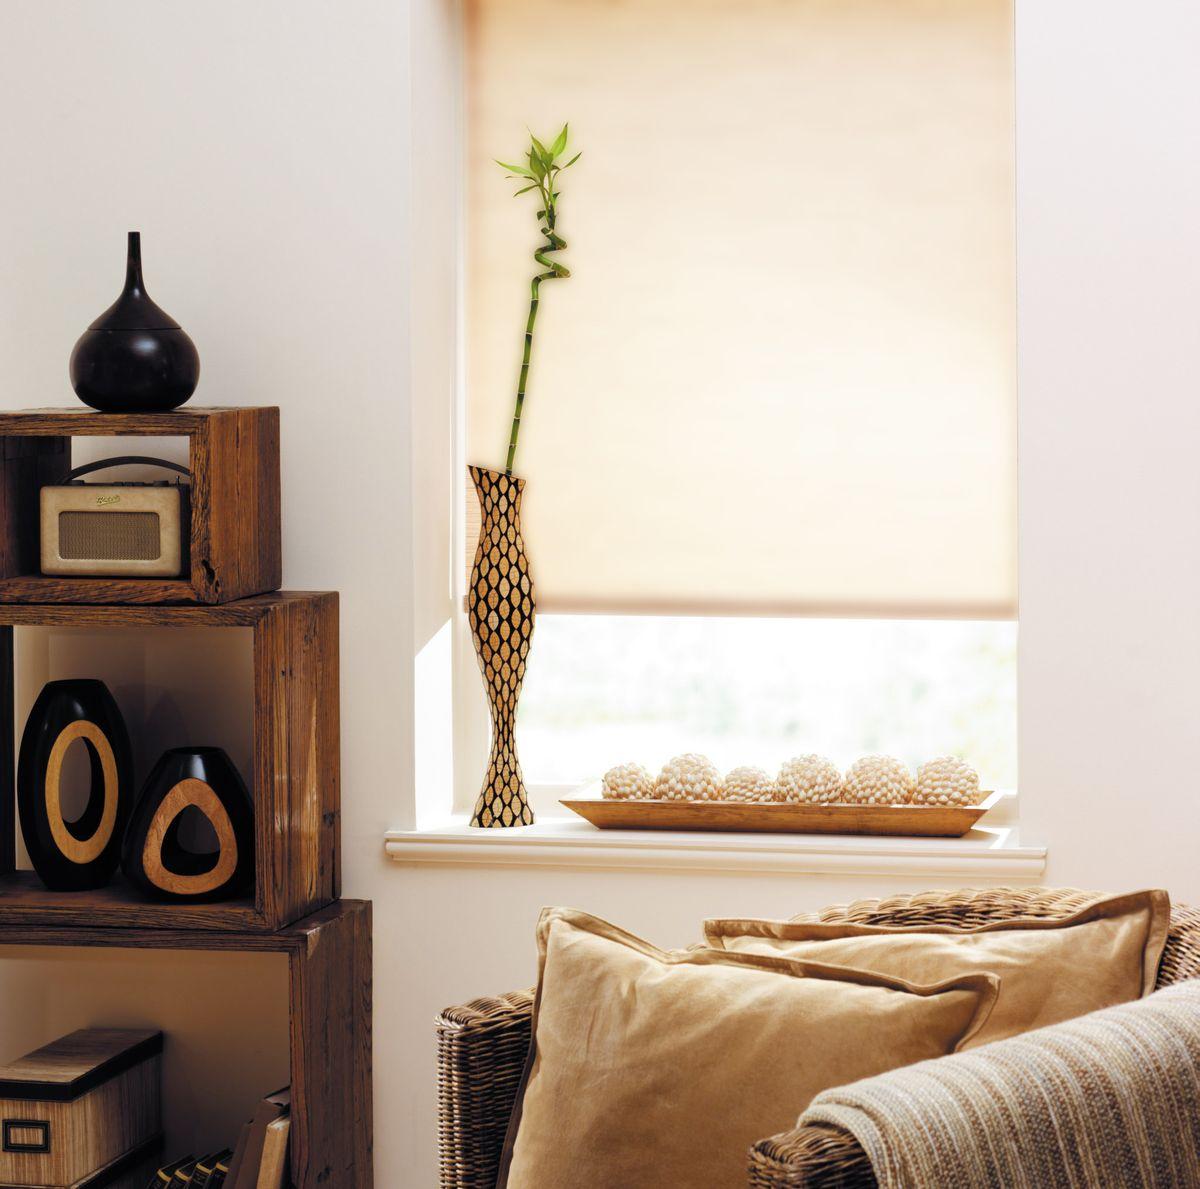 Штора рулонная для балконной двери Эскар Миниролло, цвет: бежевый лен, ширина 52 см, высота 215 см34008062170Рулонная штора Эскар Миниролло выполнена из высокопрочной ткани, которая сохраняет свой размер даже при намокании. Ткань не выцветает и обладает отличной цветоустойчивостью.Миниролло - это подвид рулонных штор, который закрывает не весь оконный проем, а непосредственно само стекло. Такие шторы крепятся на раму без сверления при помощи зажимов или клейкой двухсторонней ленты (в комплекте). Окно остается на гарантии, благодаря монтажу без сверления. Такая штора станет прекрасным элементом декора окна и гармонично впишется в интерьер любого помещения.